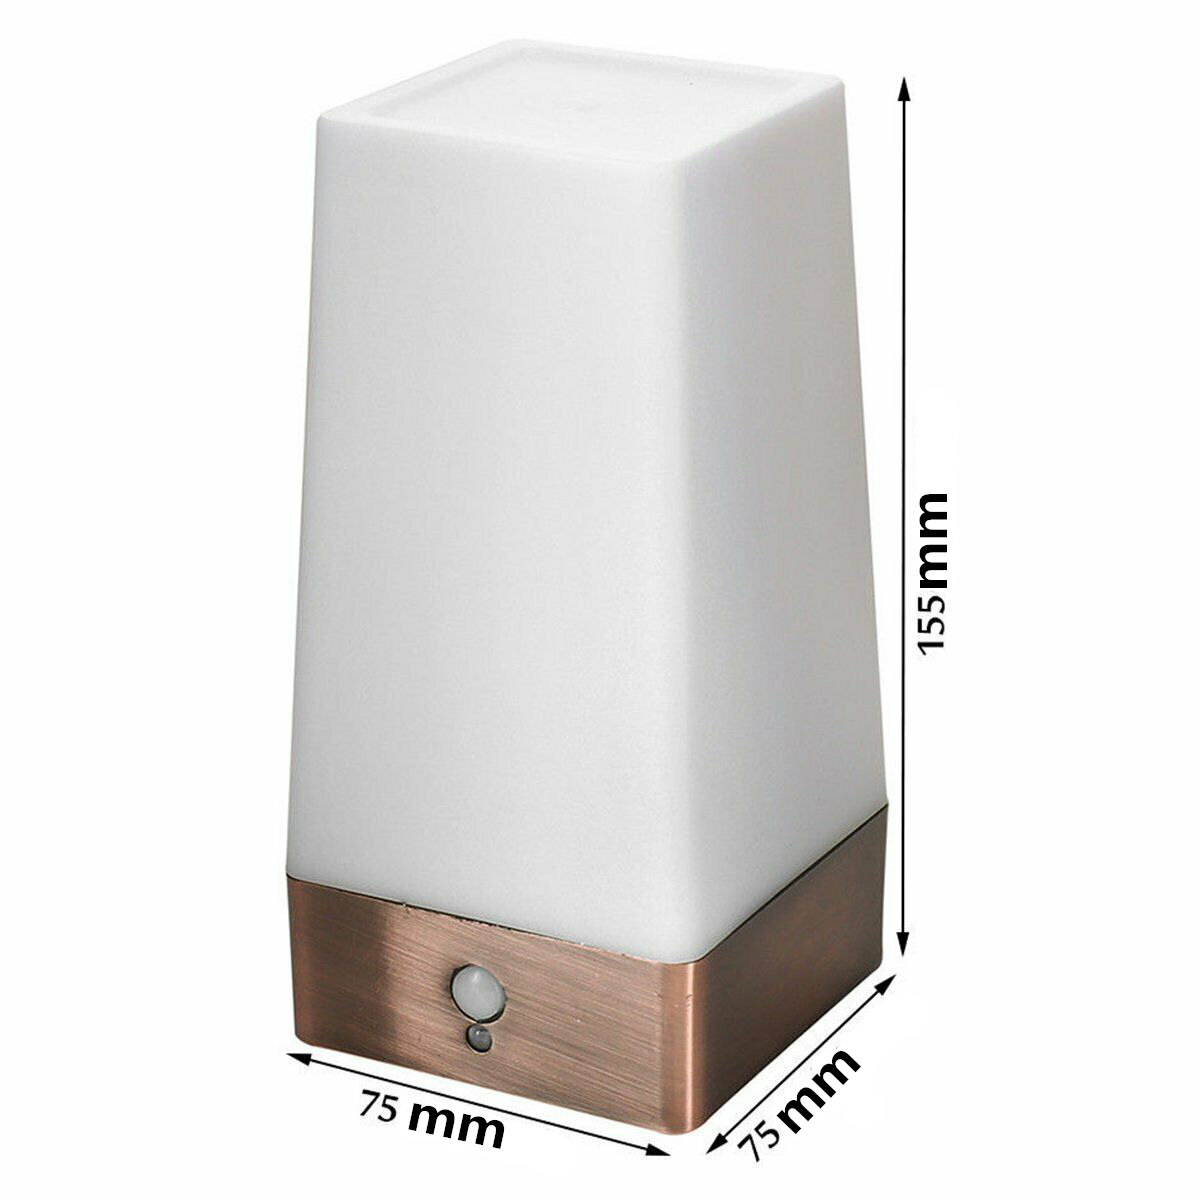 Беспроводной PIR сенсор гостиной настольная лампа светодиодный ночник прикроватный светильник на батарейках настольная лампа теплый белый